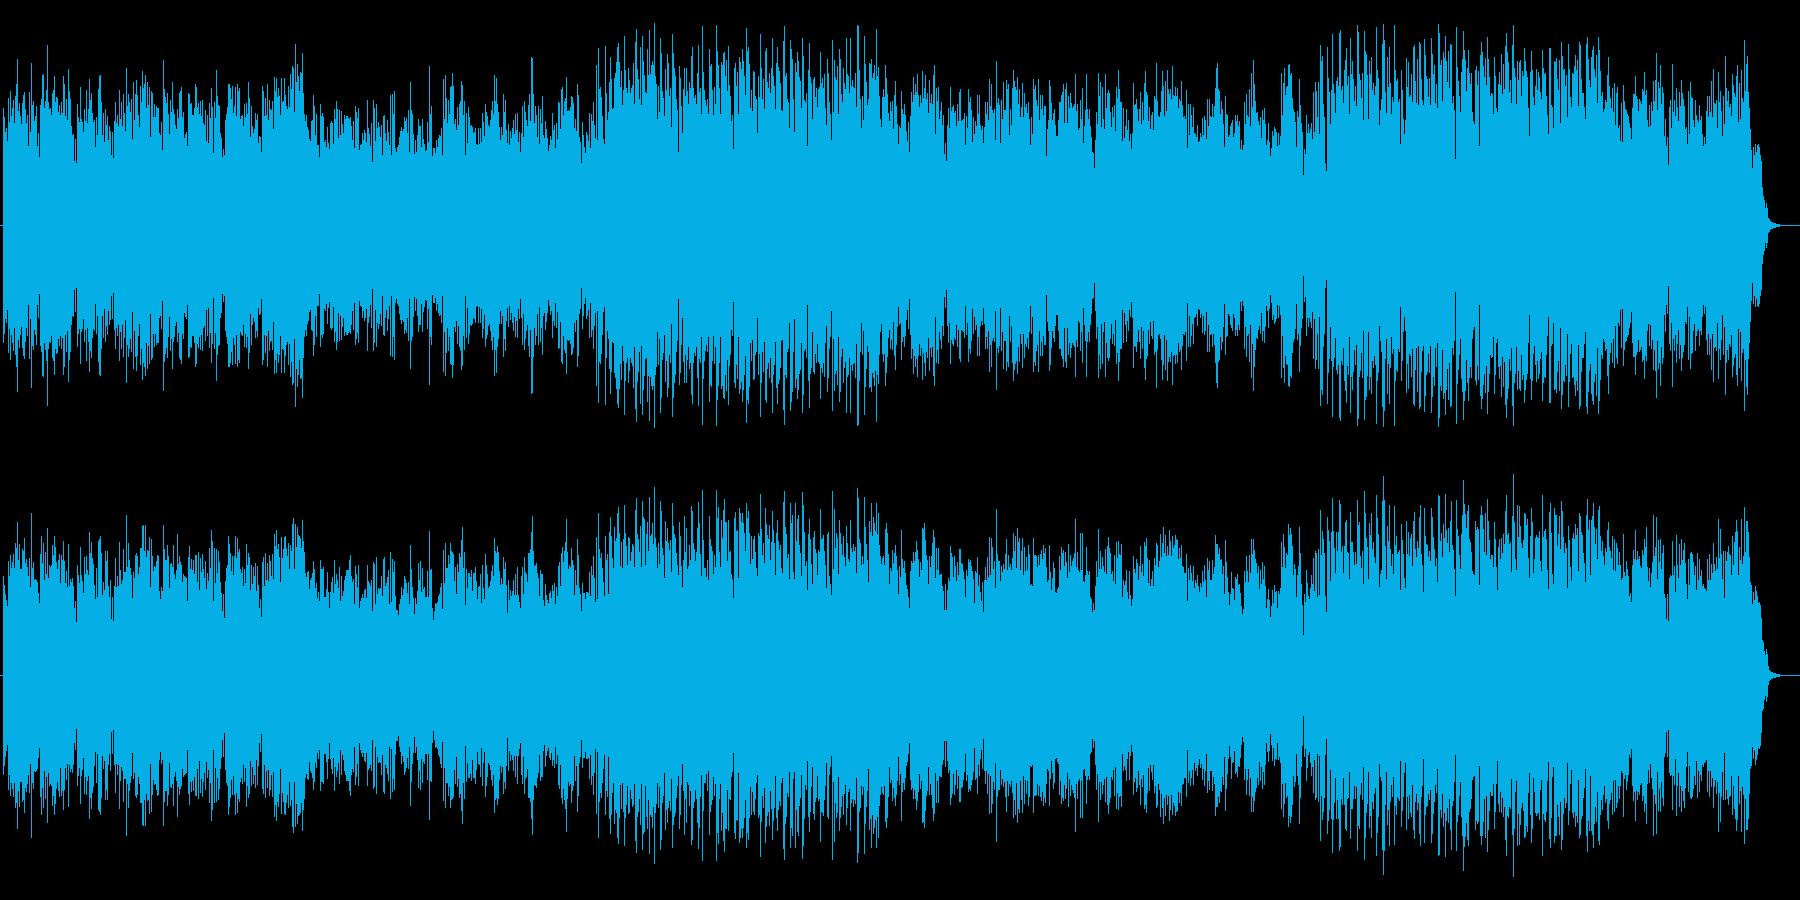 フェアリーテイルのダンス、やすらぎテクノの再生済みの波形